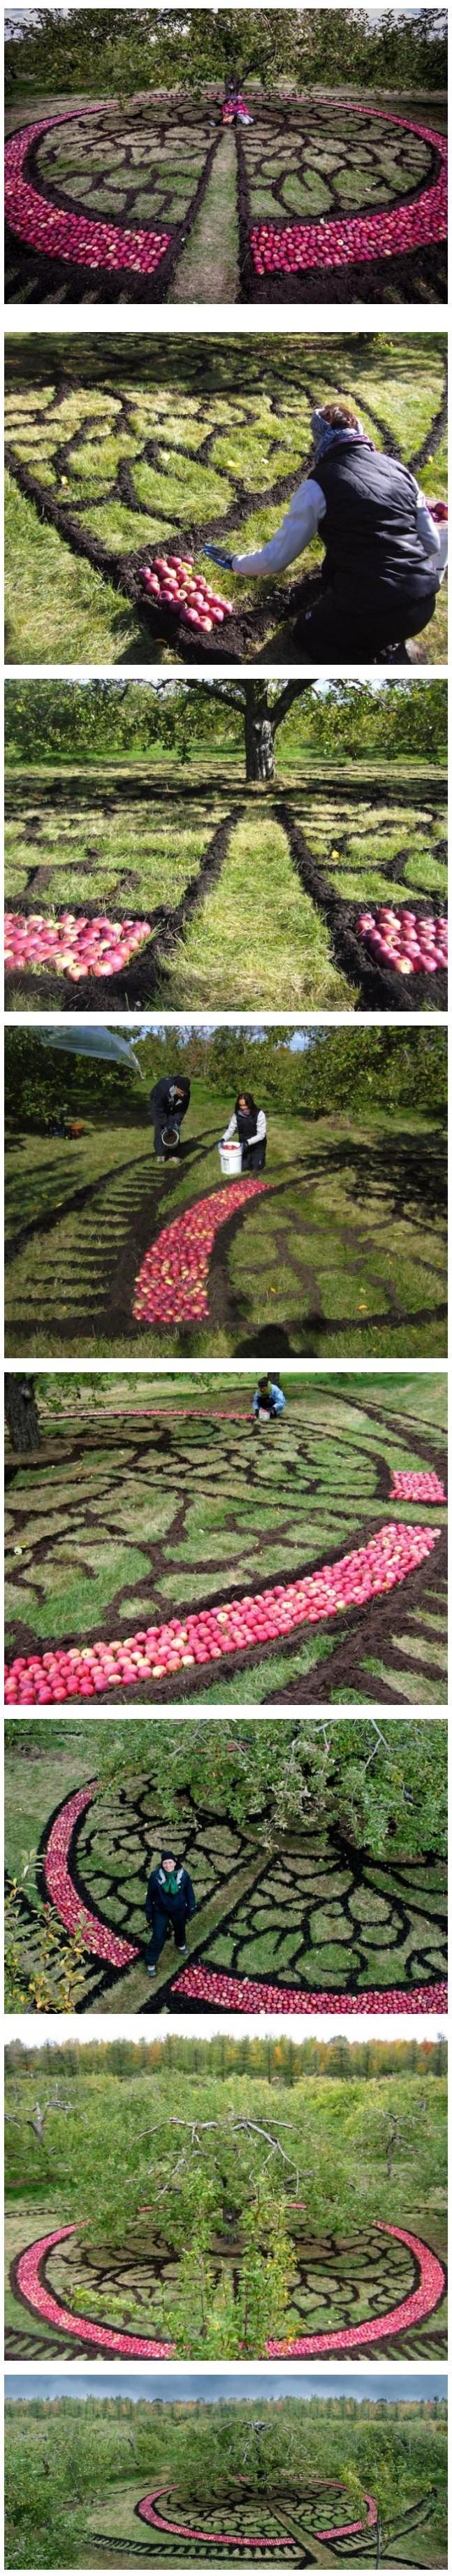 Land Art Mont-Saint-Hilaire in 2012